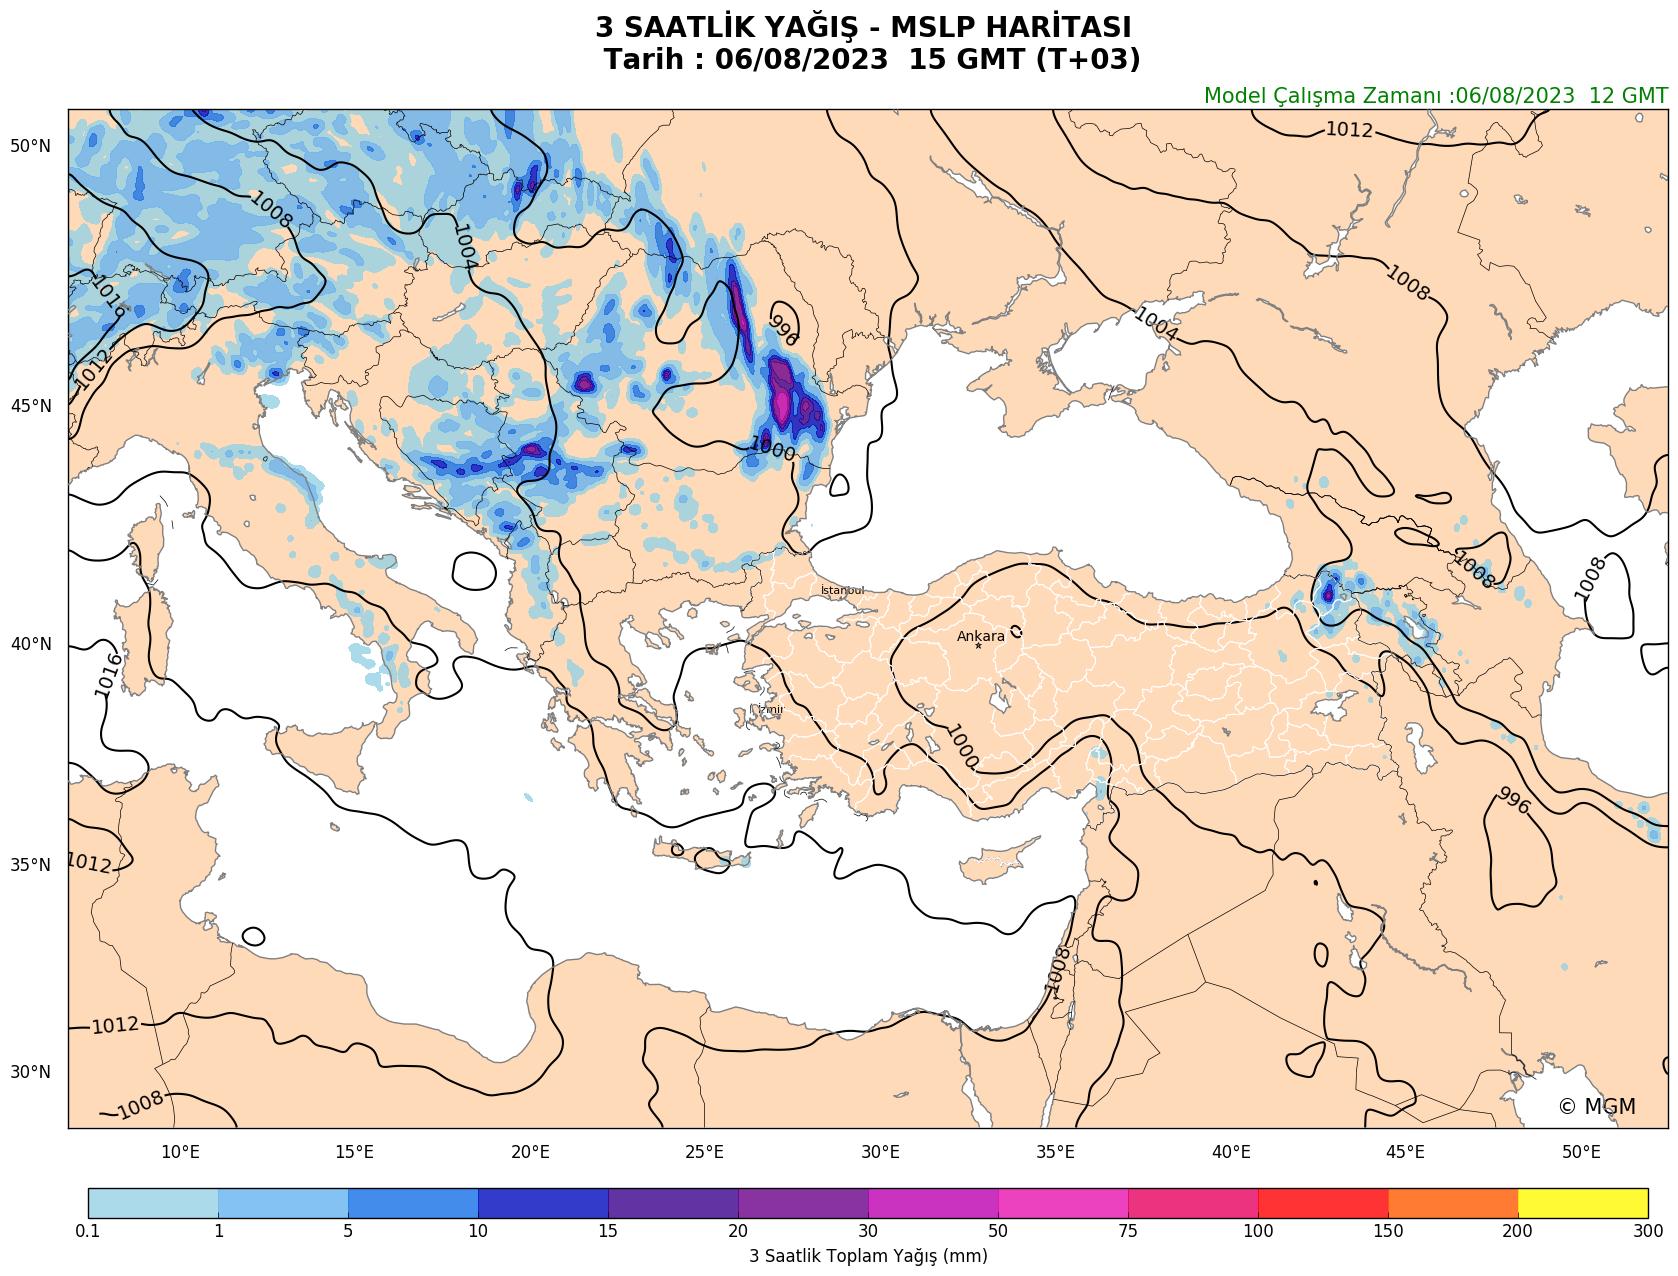 WRF Model Harita: 3 Saatlik Yağış Haritası